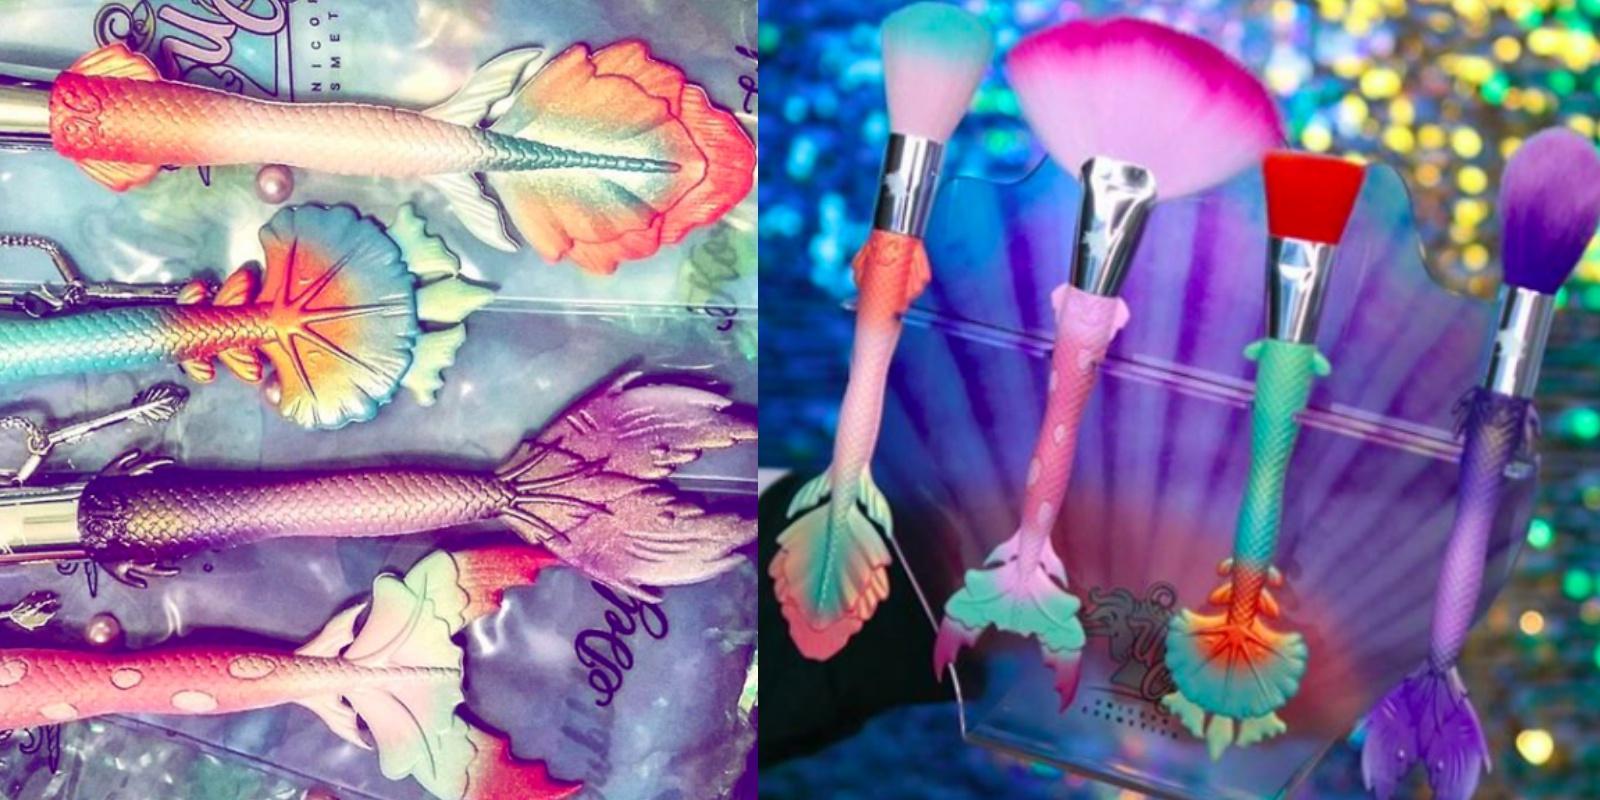 """使用一点点就能增加仙气!这些美人鱼色系""""彩妆、刷具 """"太美让人想收藏"""